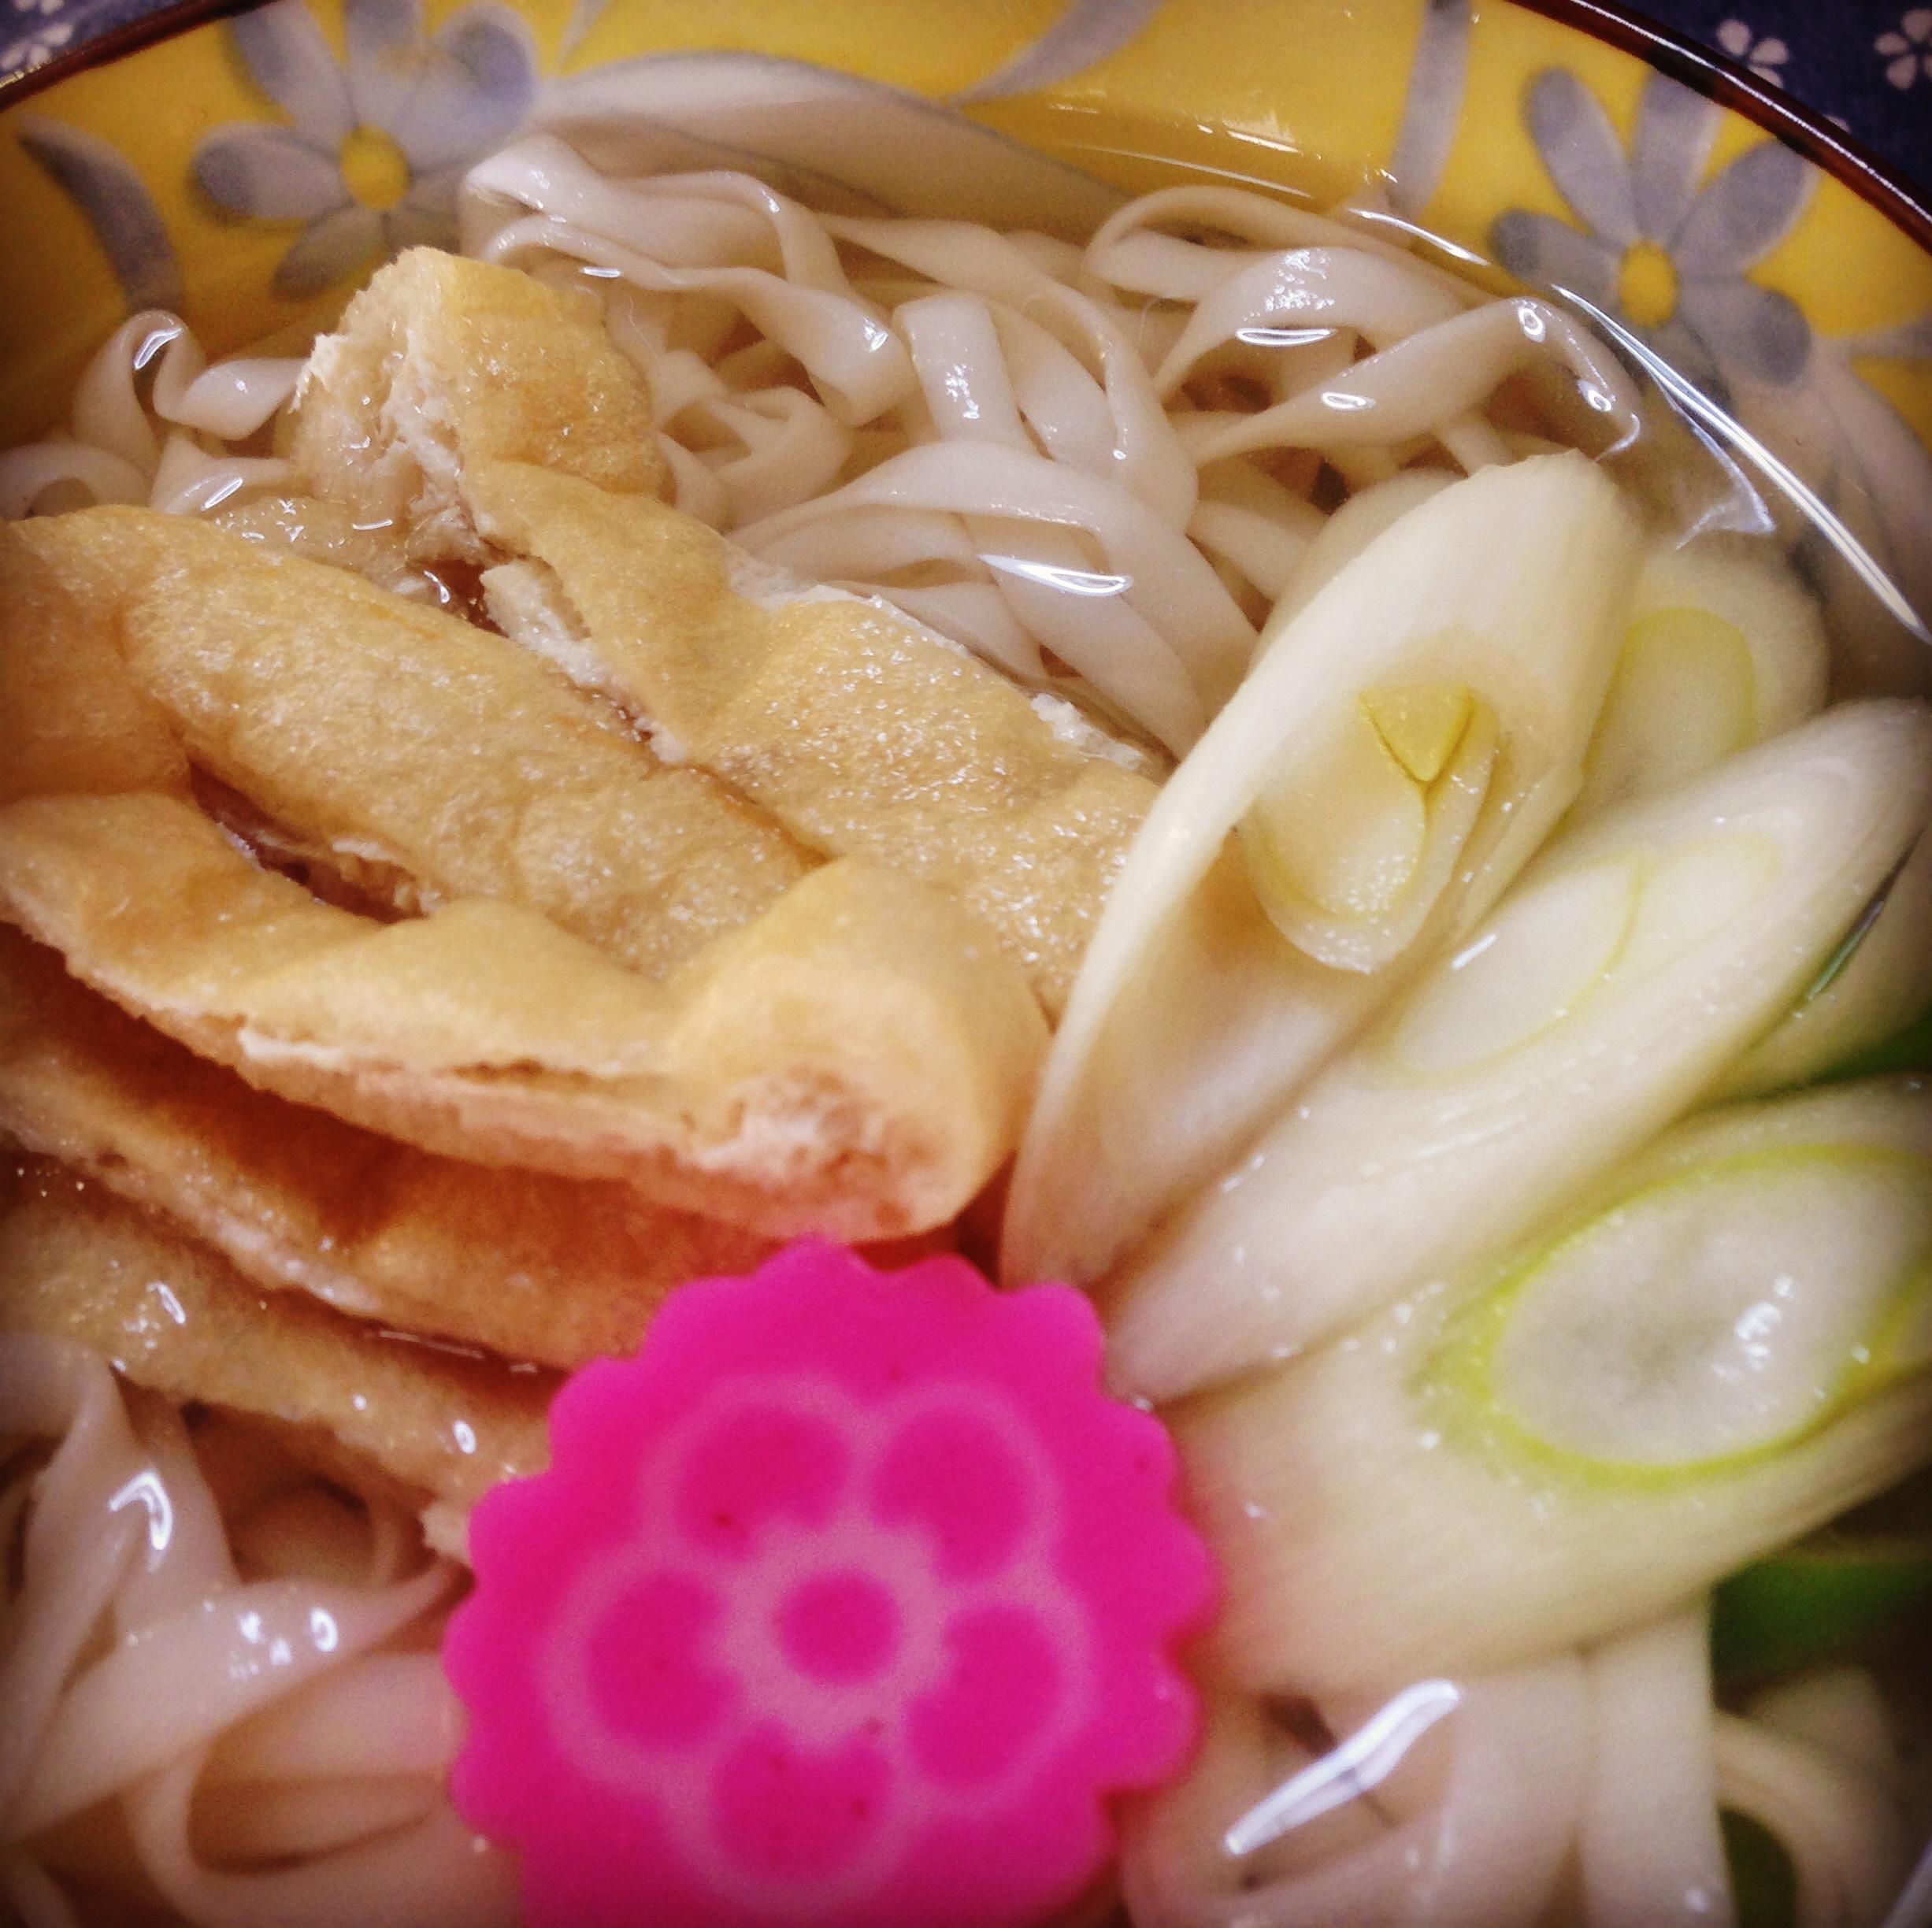 東京都中野区新井3-6-7麺の停車場楽麦舎 打ちたて生うどん 調理例